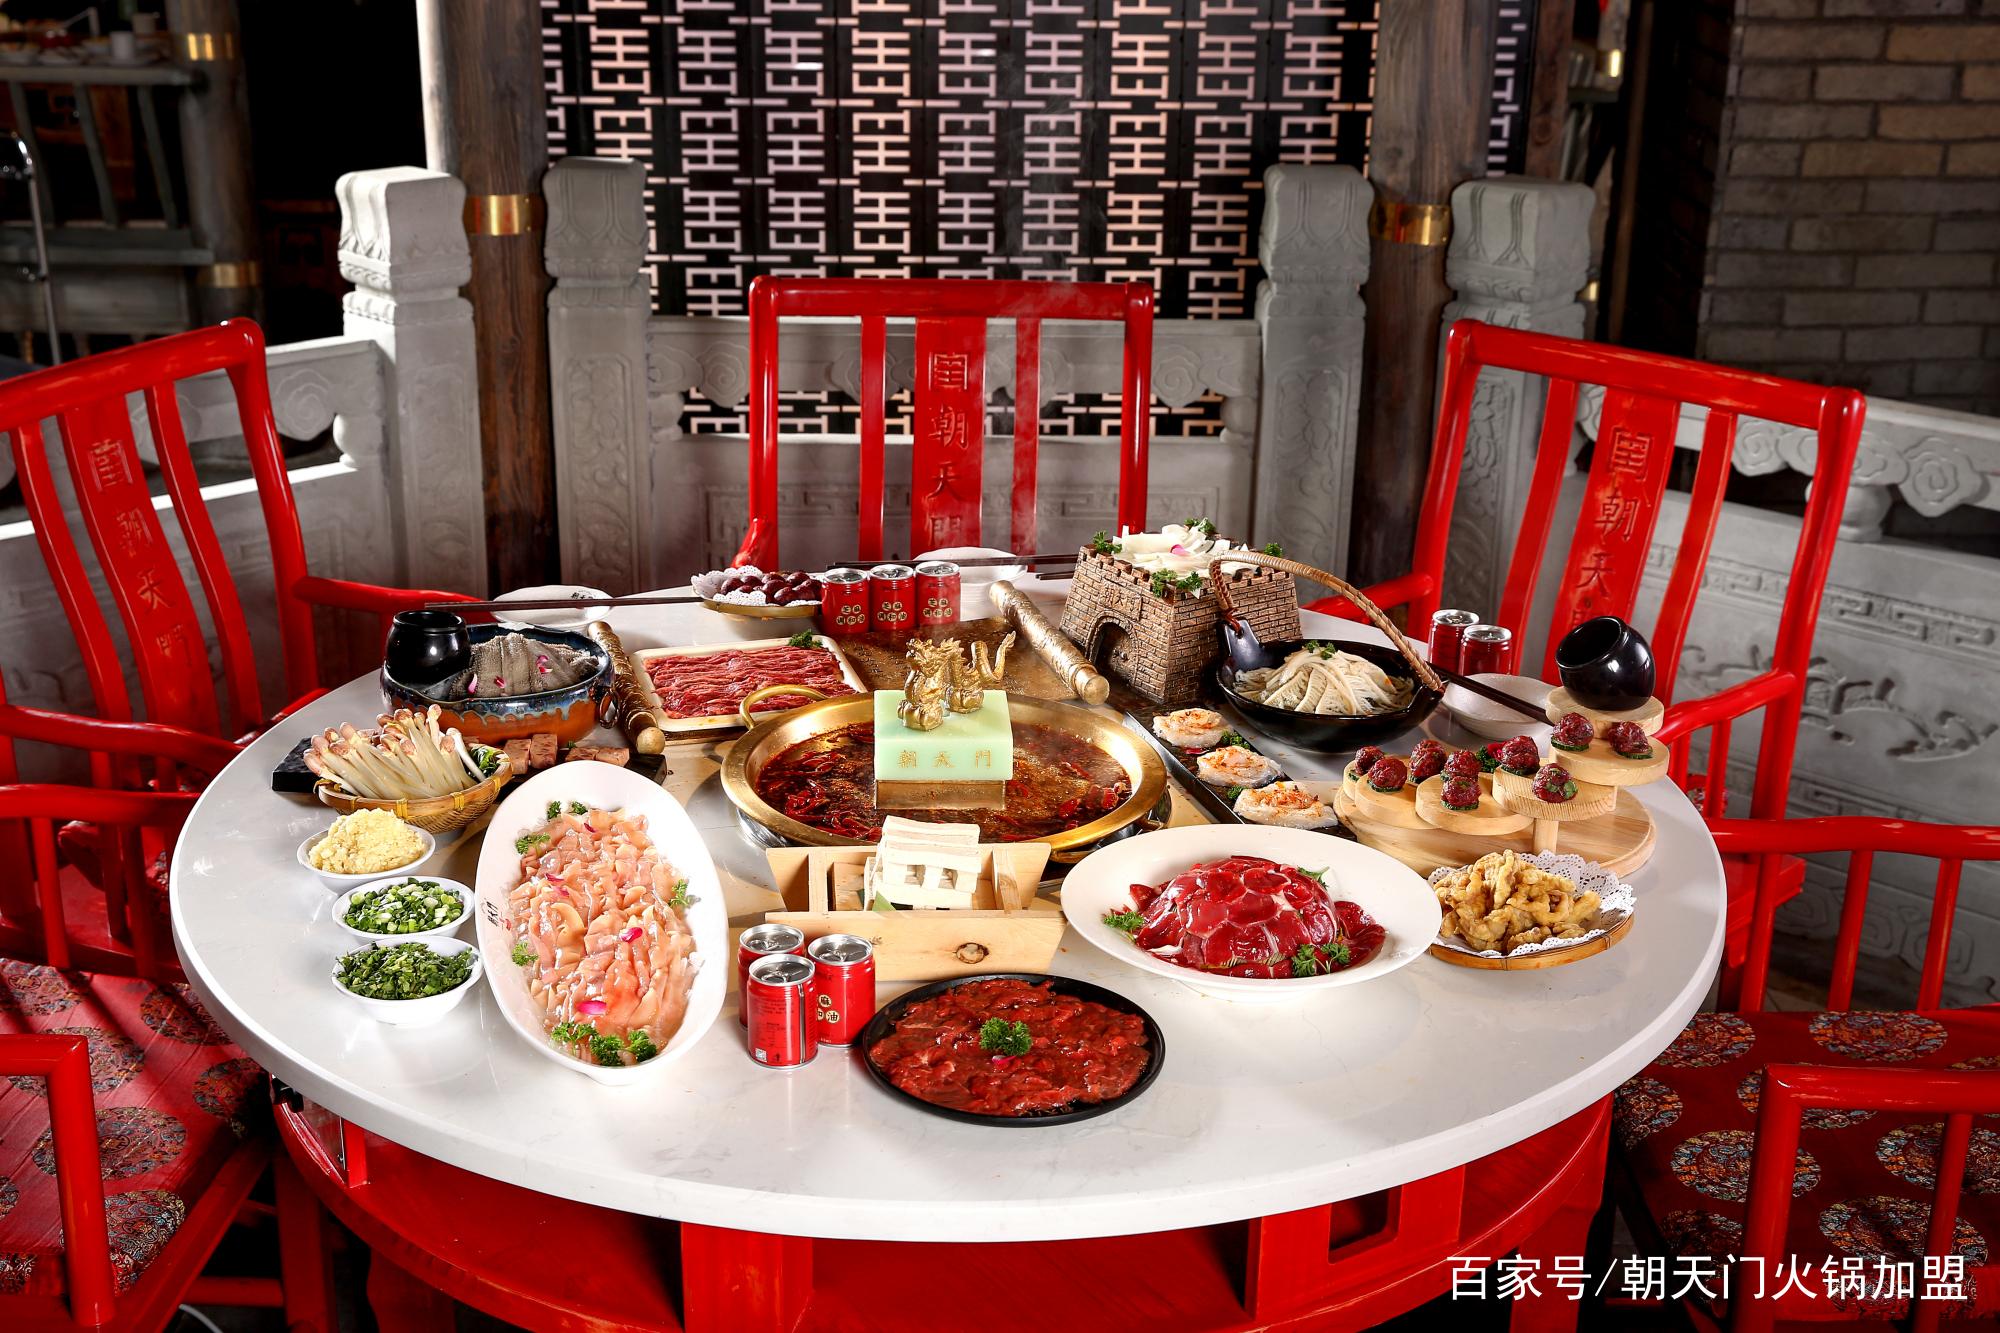 火锅配菜有哪些?在家吃火锅的配菜攻略